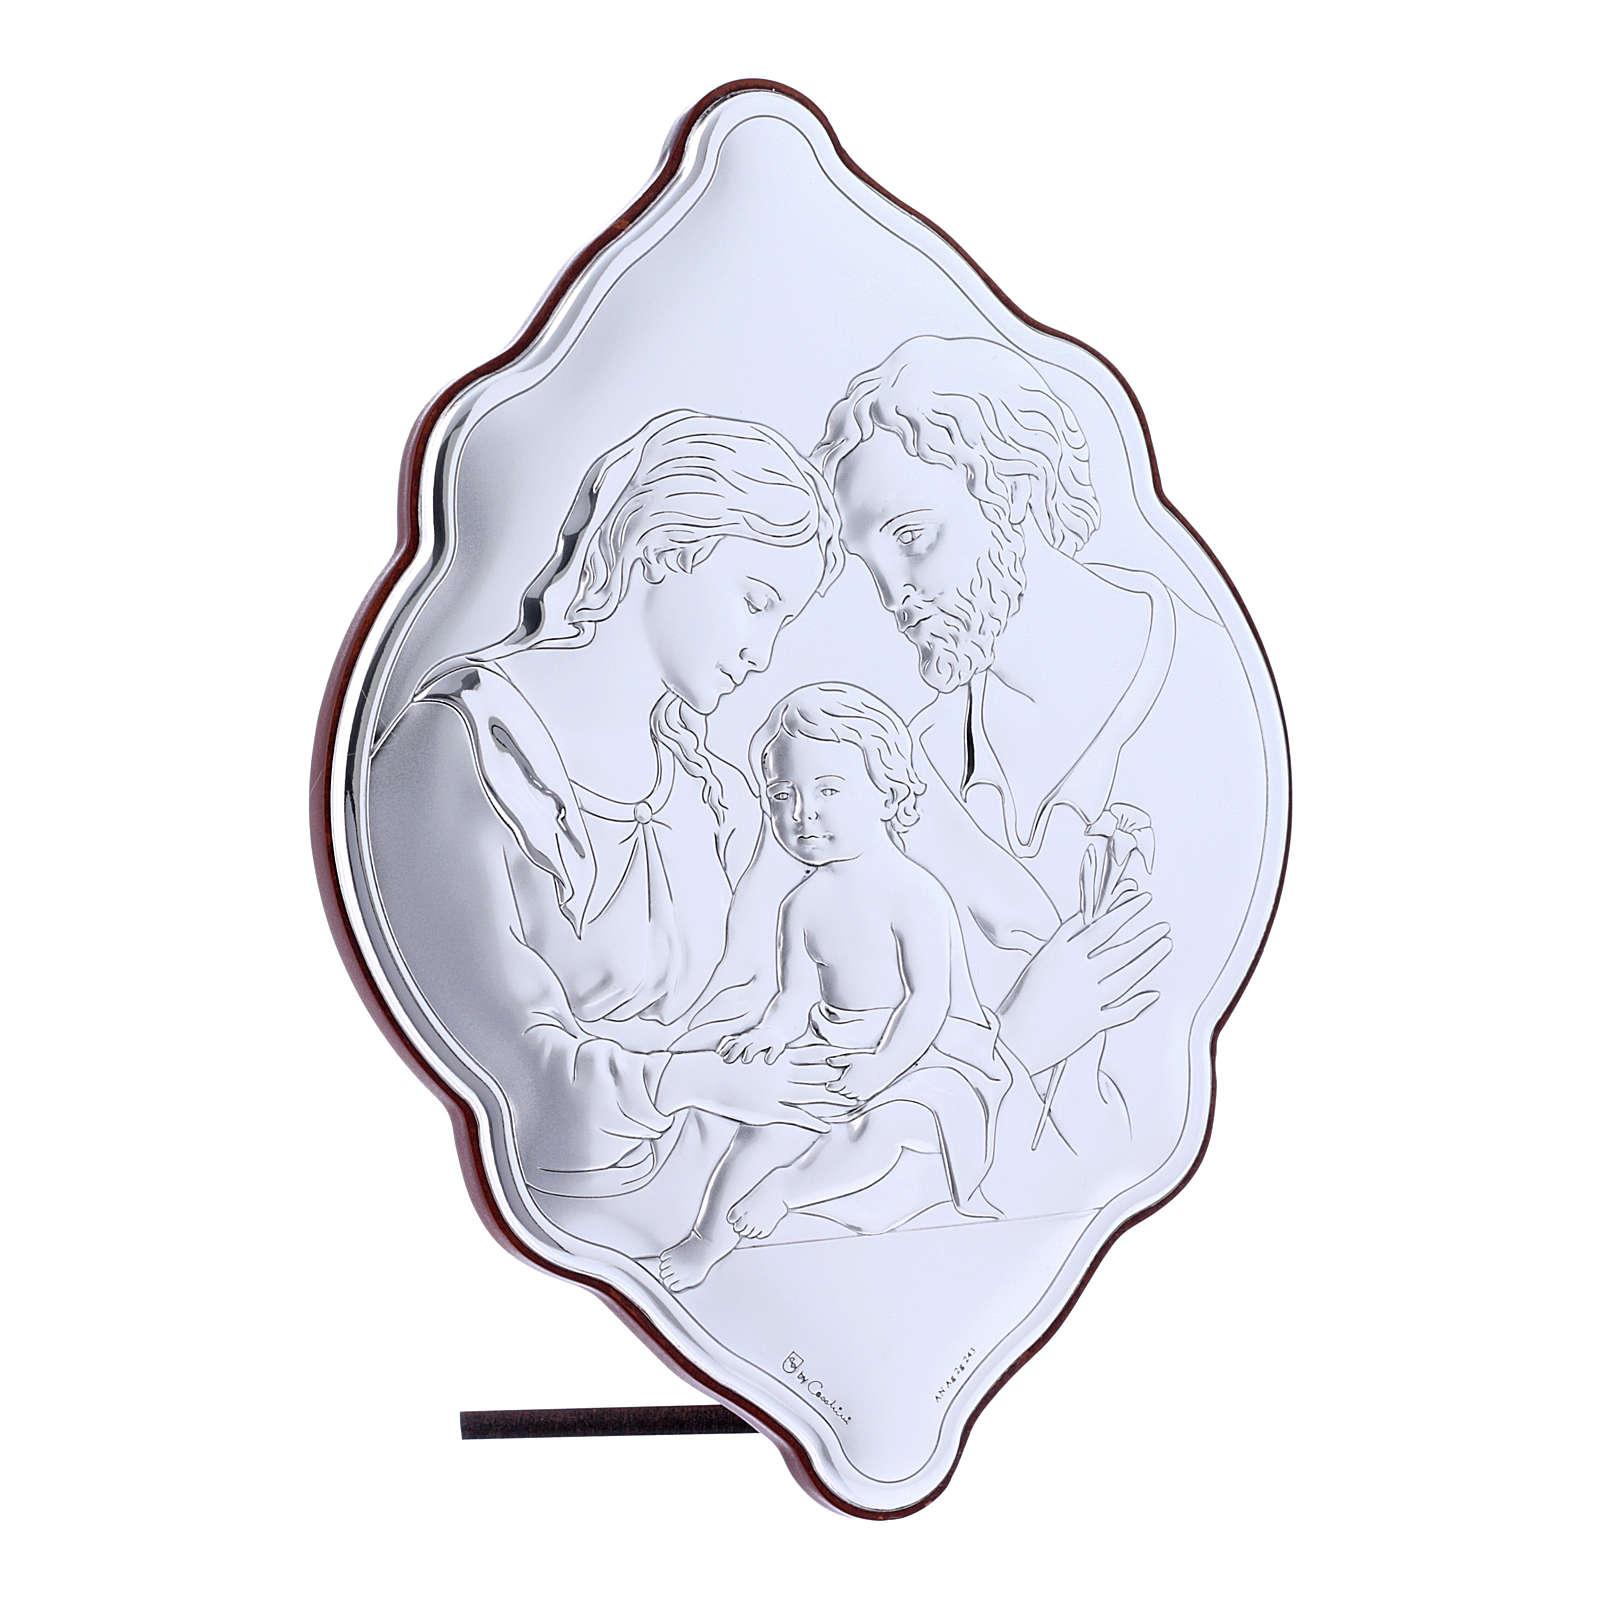 Obraz Święta Rodzina bilaminat tył z prestiżowego drewna 21x14 cm forma nieregularna 4